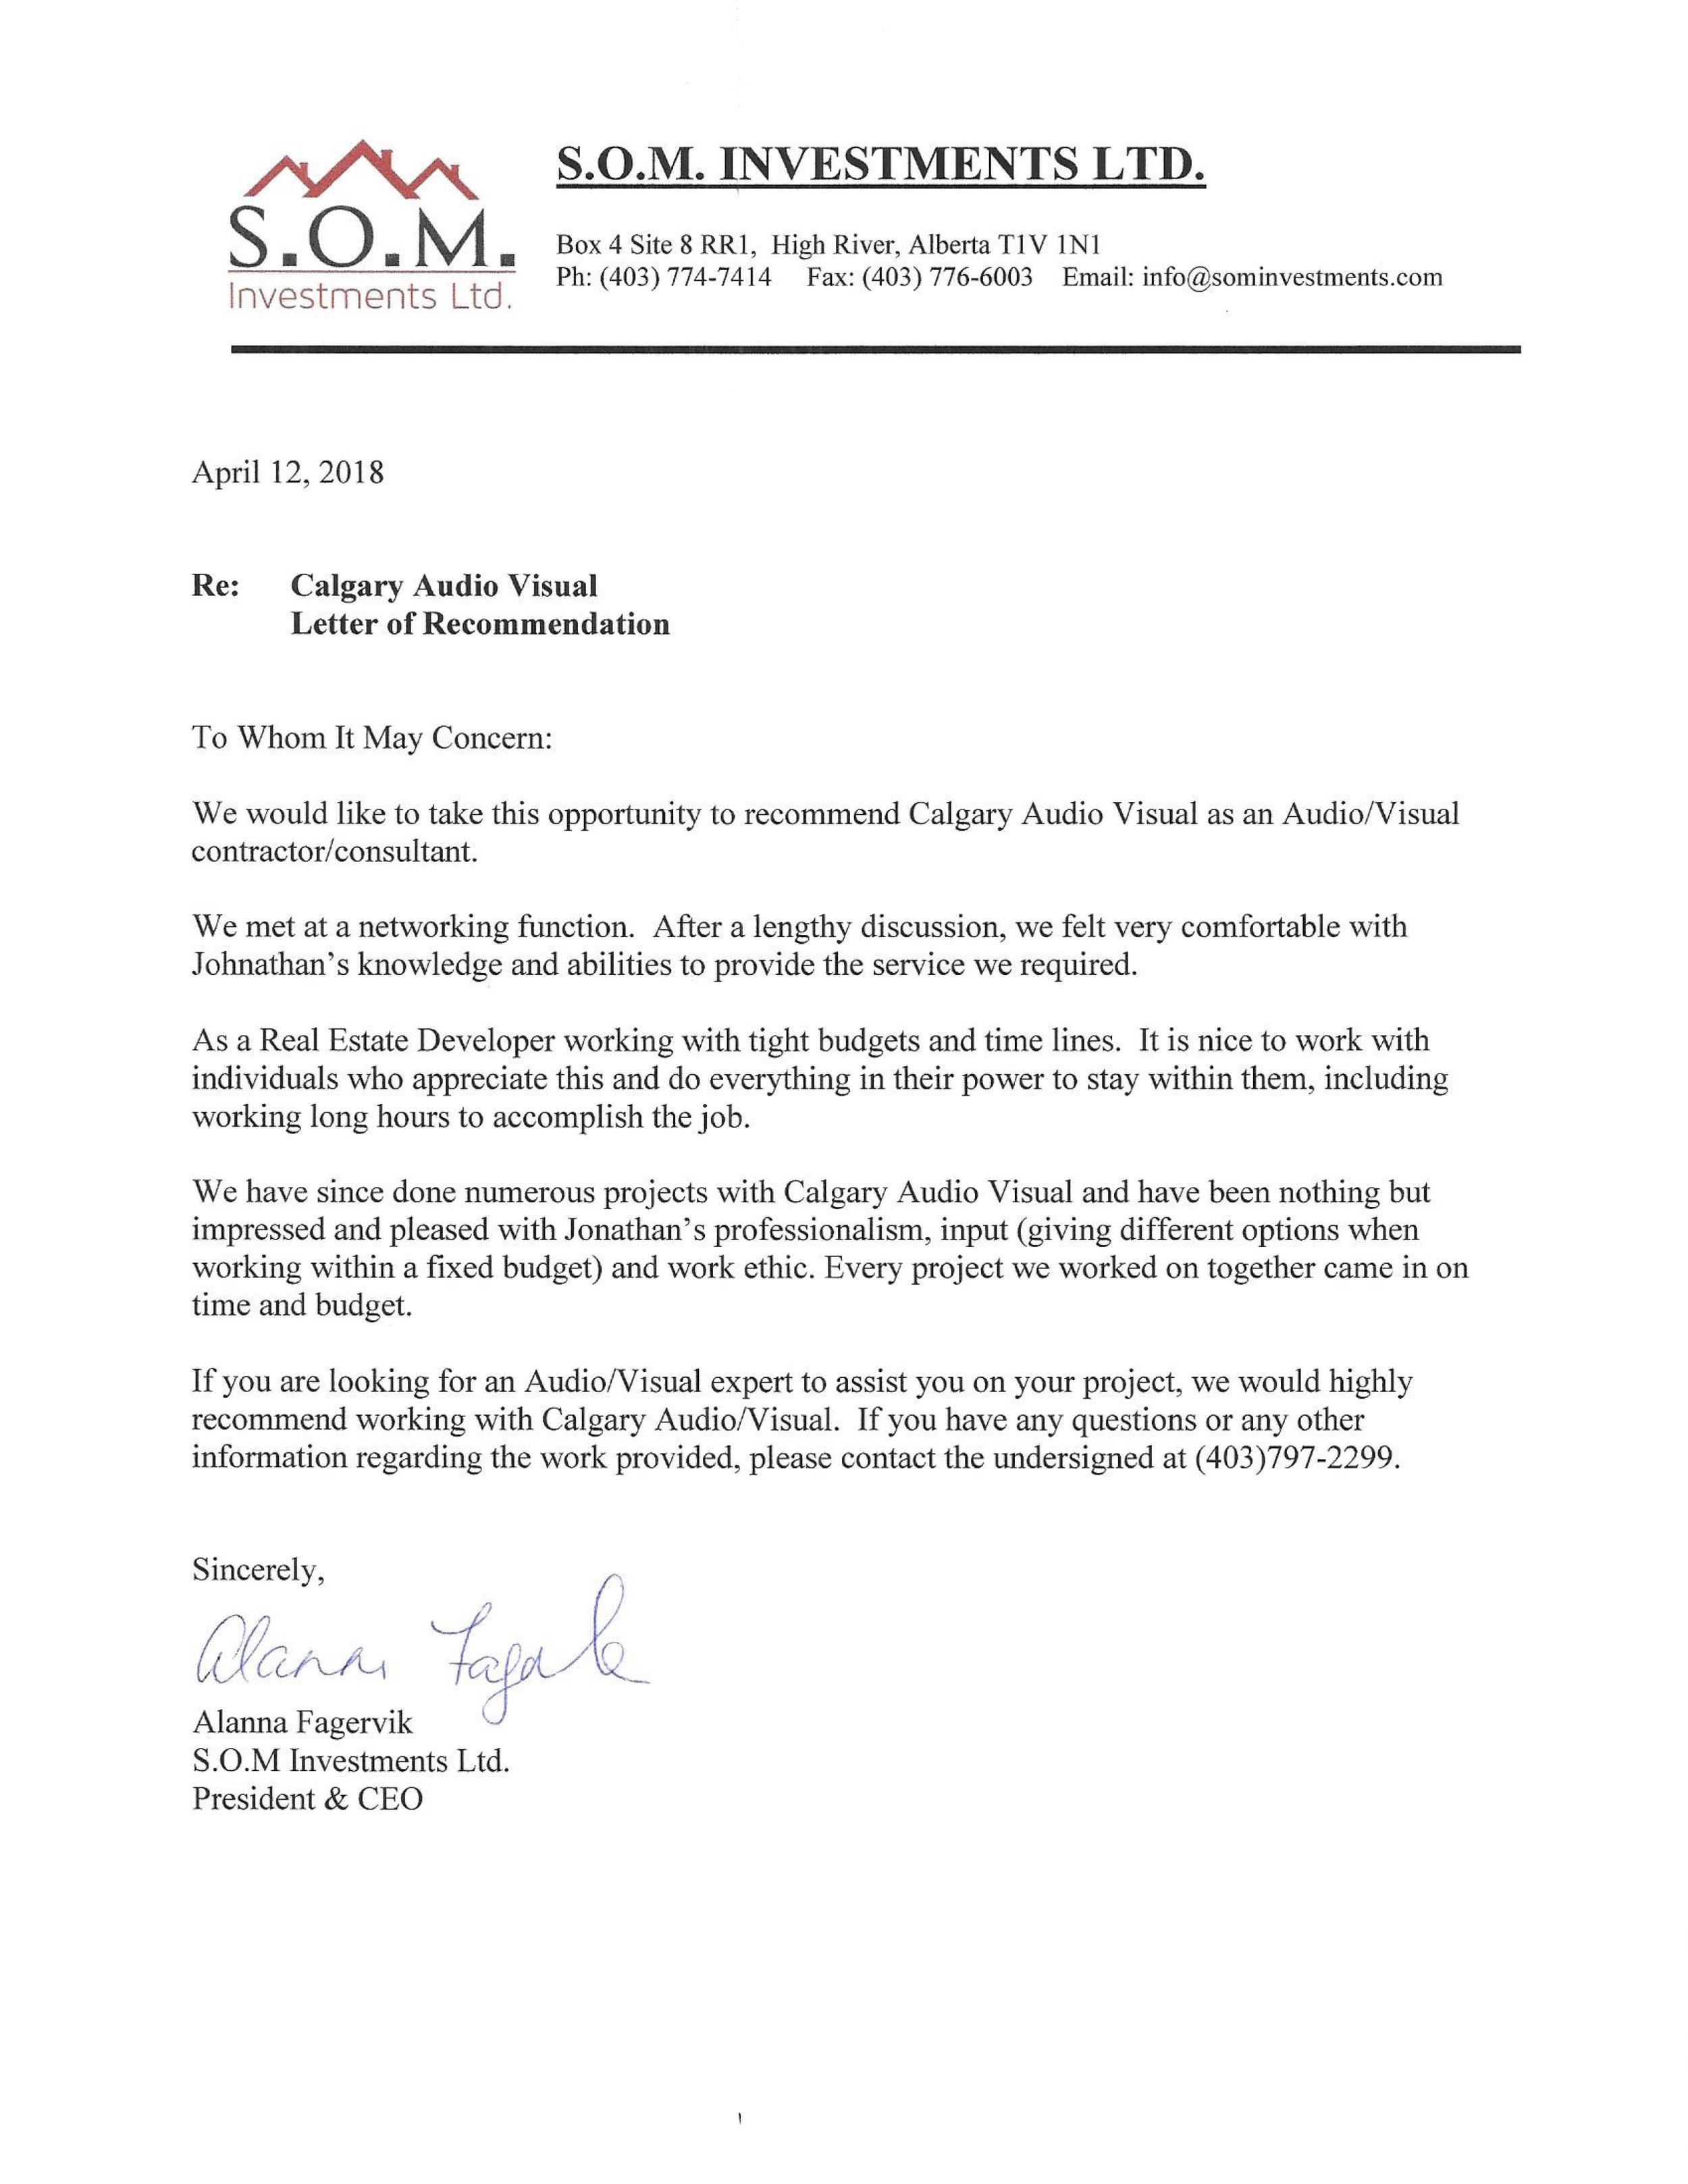 SOM Letter - Calgary AV - April12-2018.jpg